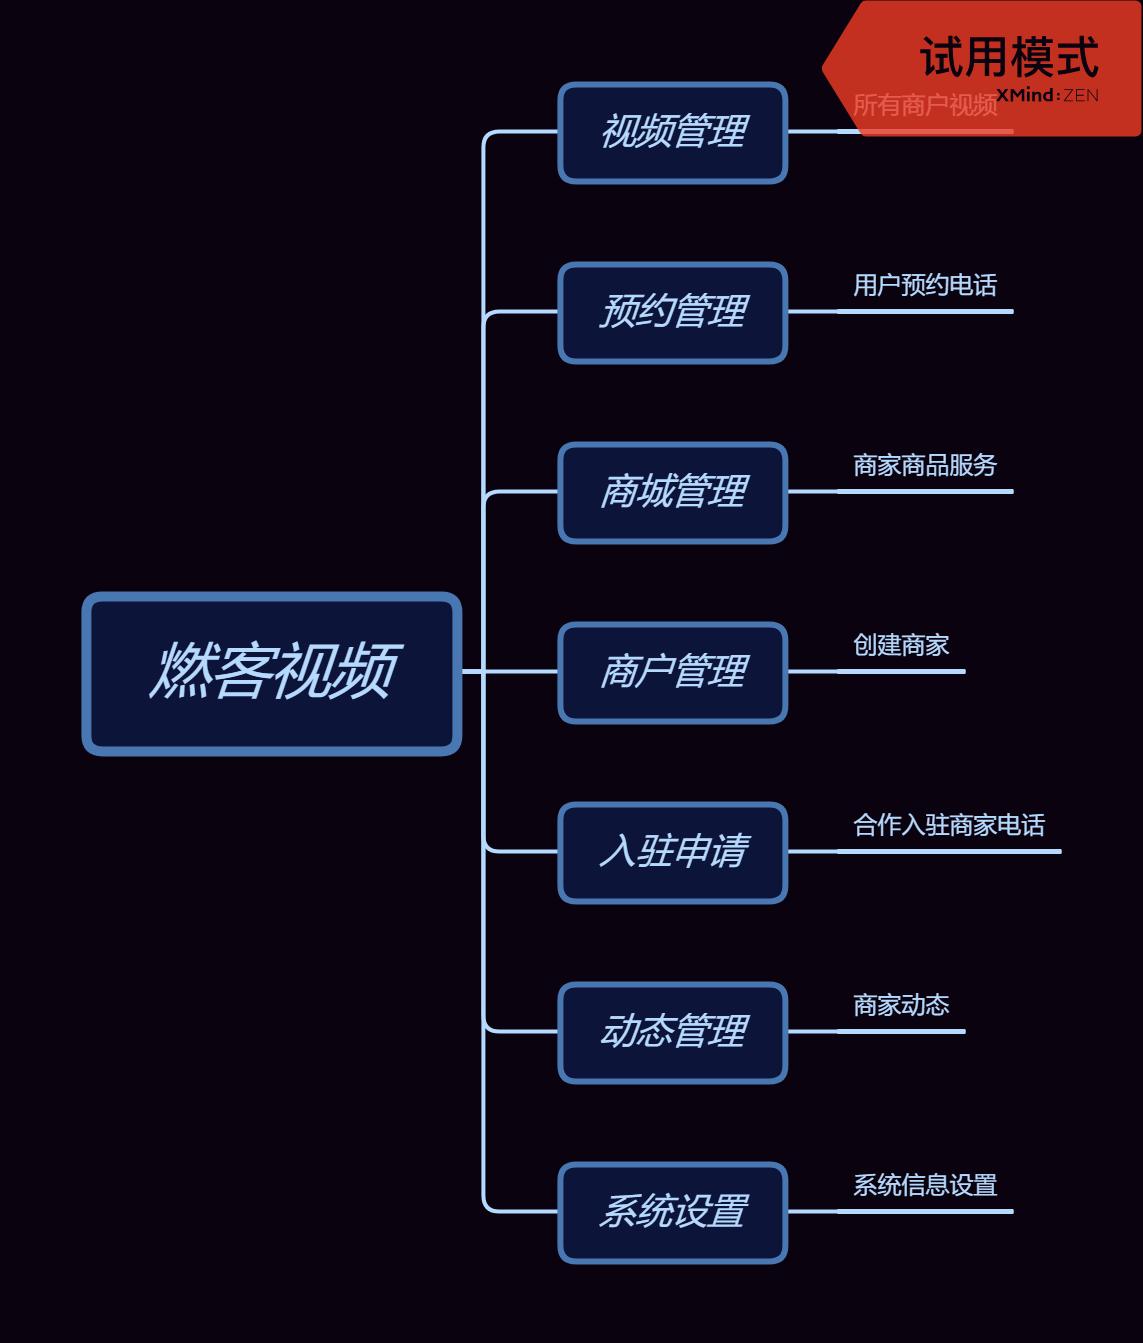 【功能模块】燃客视频小程序6.0带前端